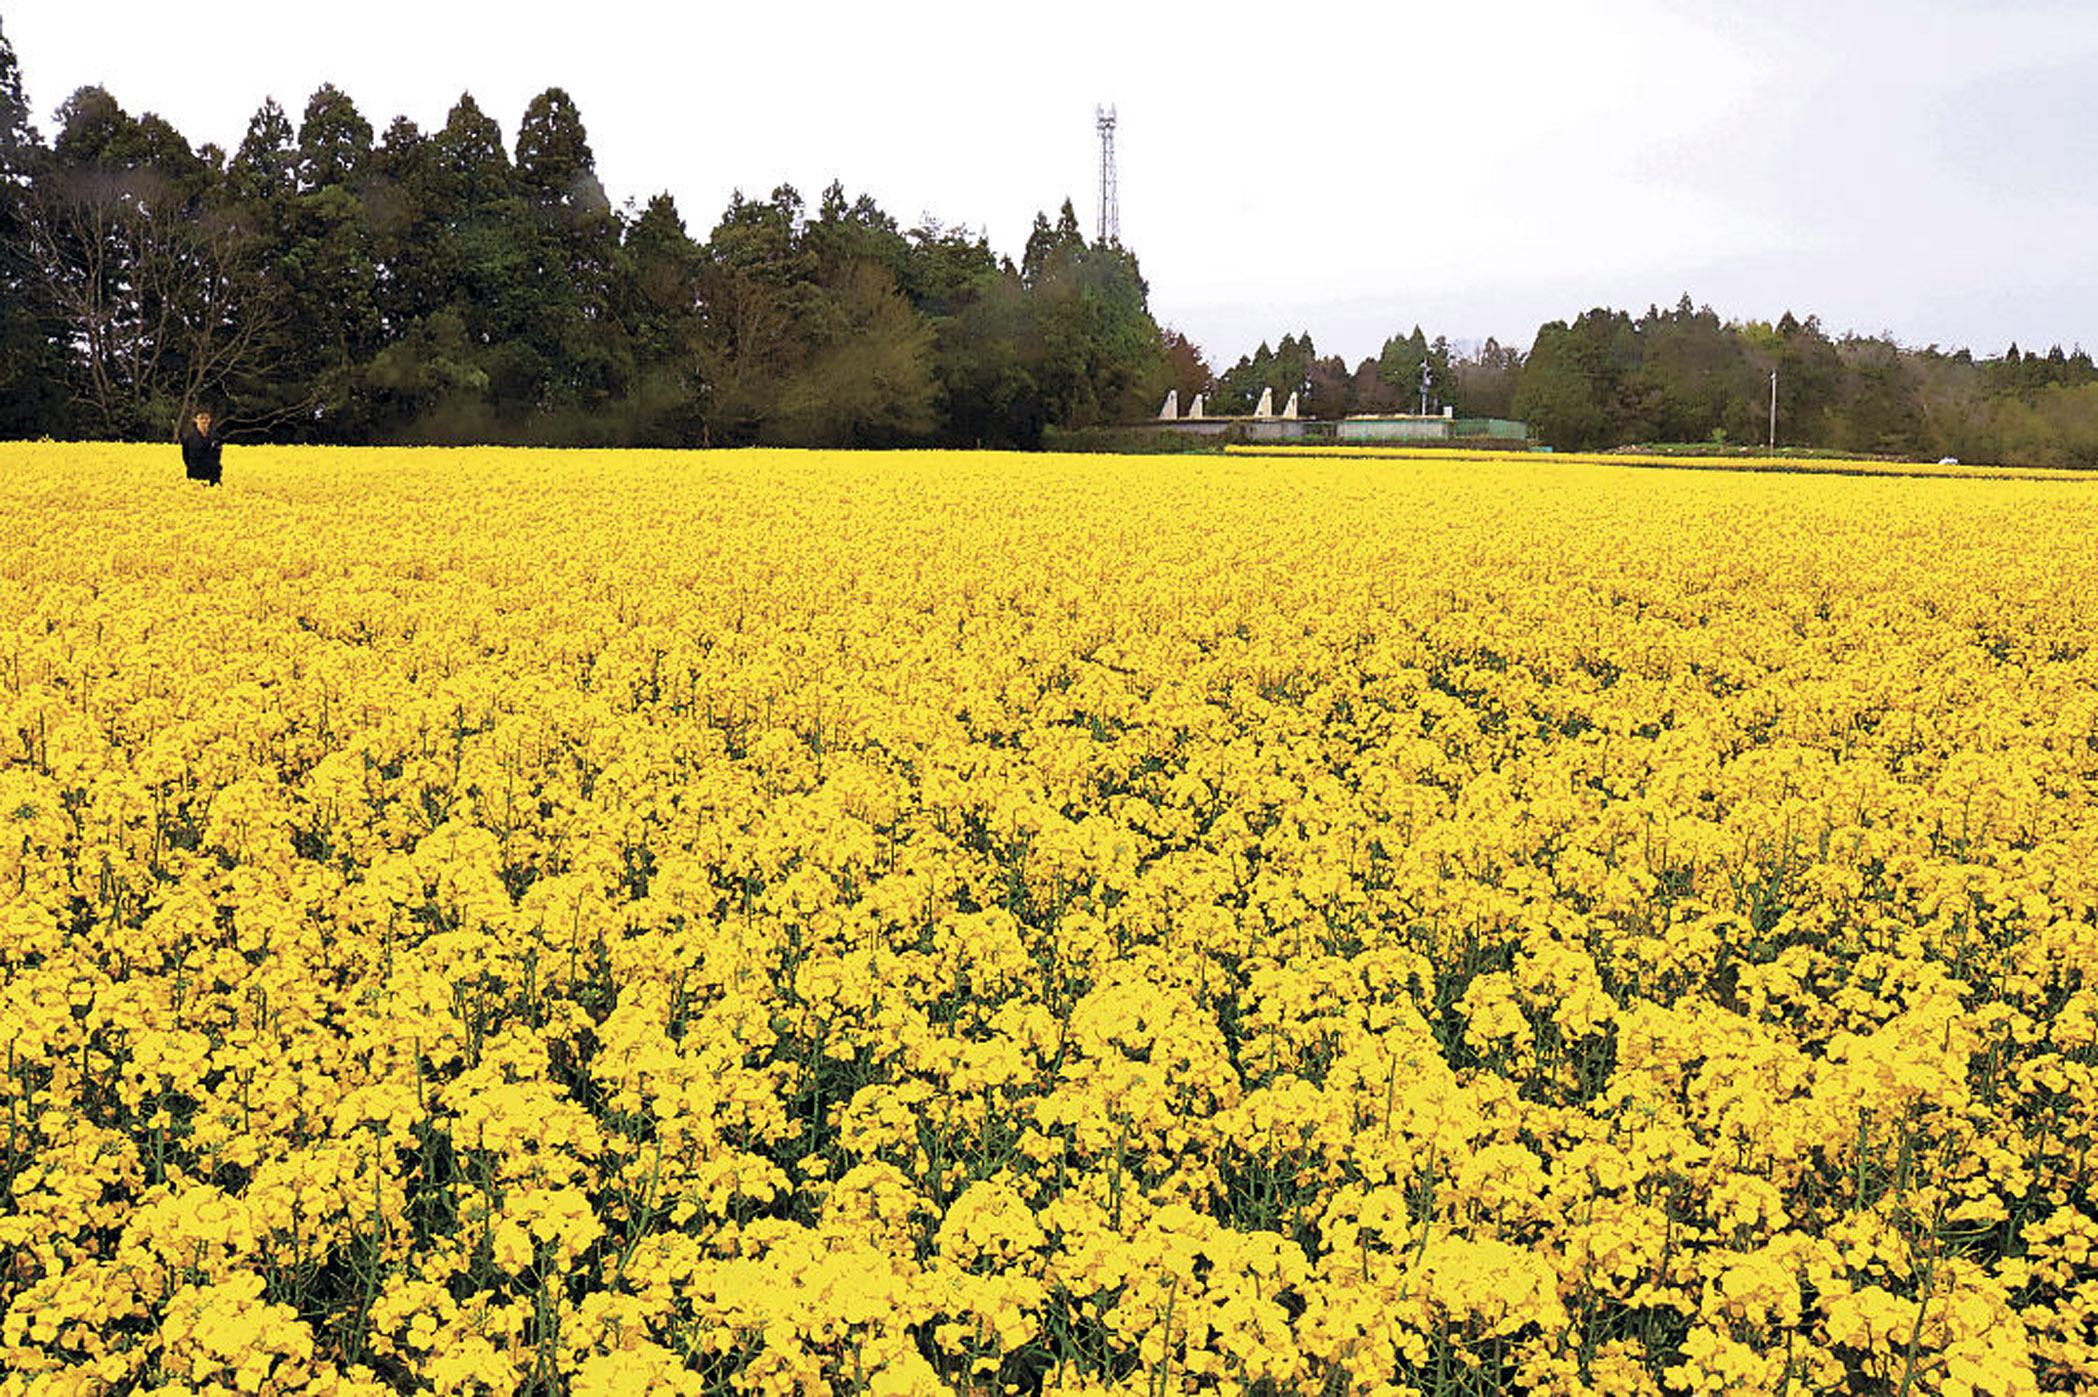 色いじゅうたんのように広がる菜の花畑=能登町秋吉